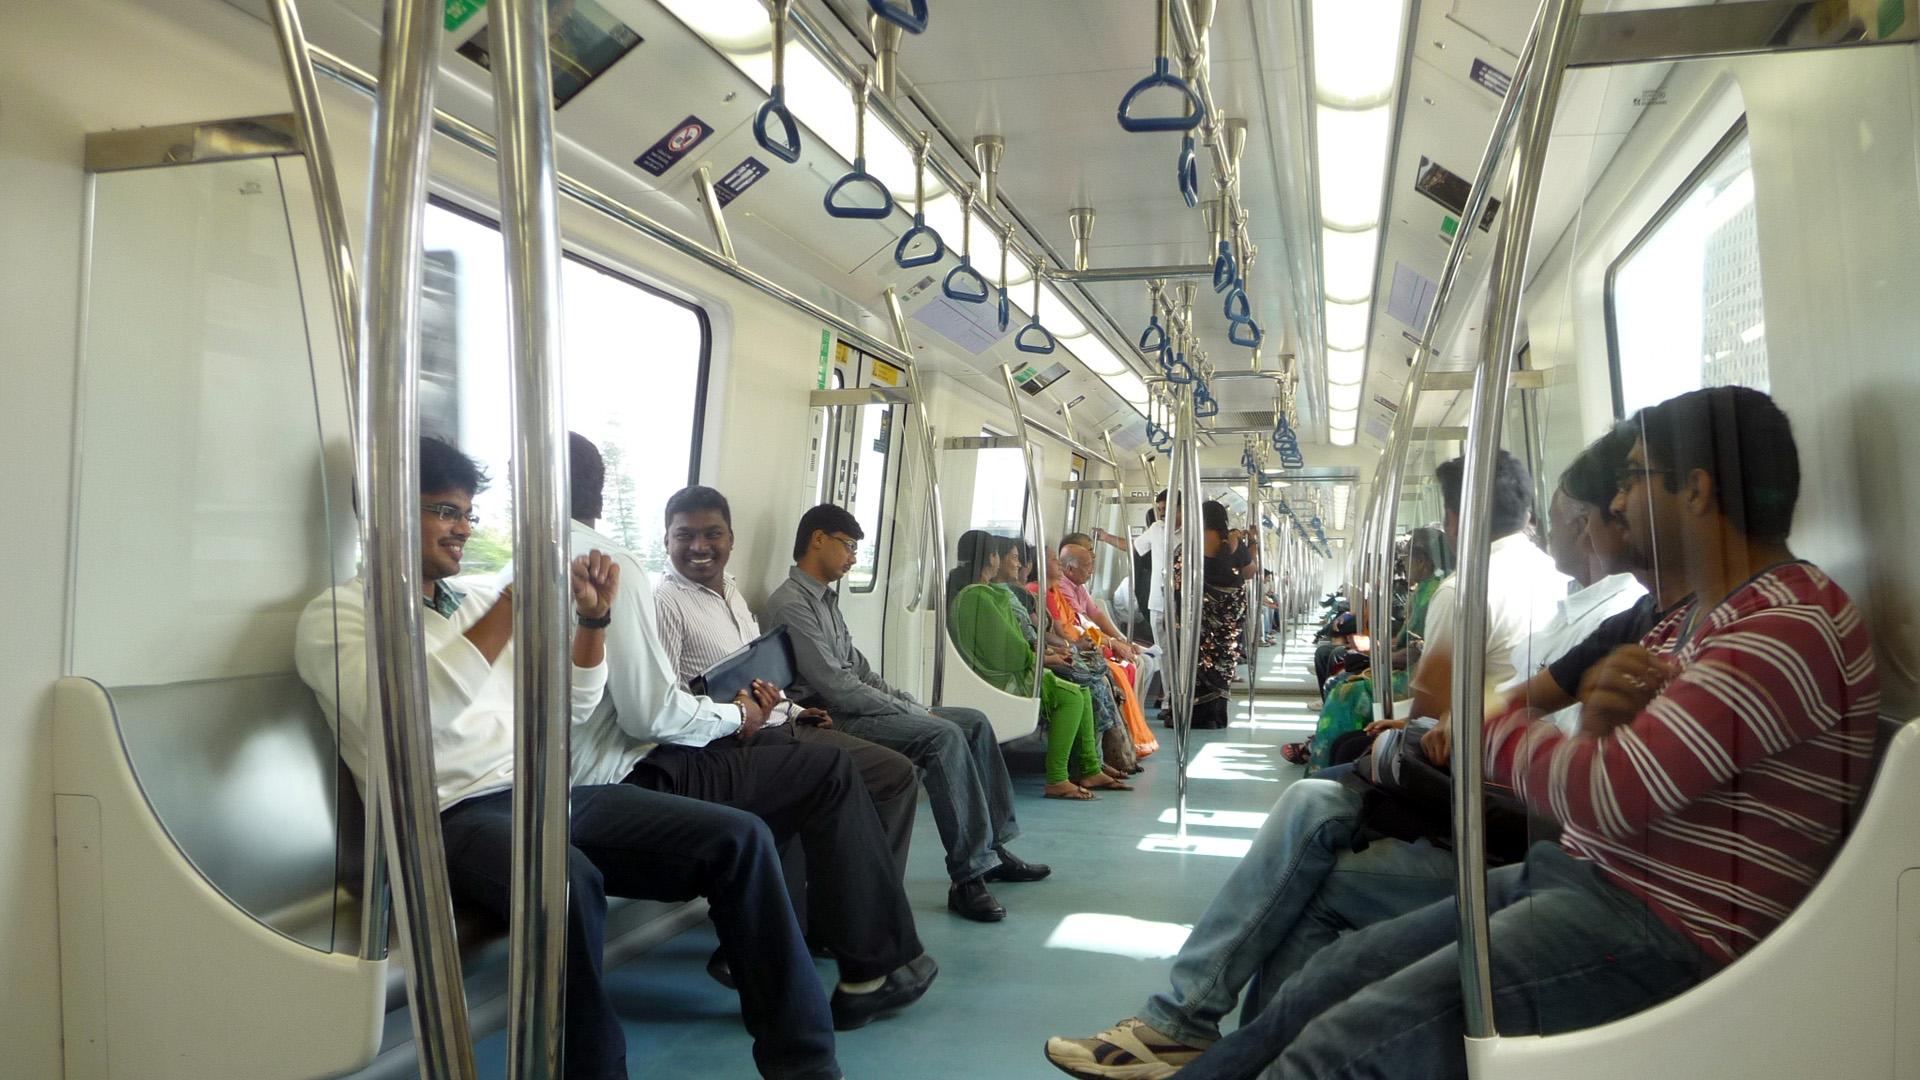 Passagiere in einer Metro in Bangalore, Indien